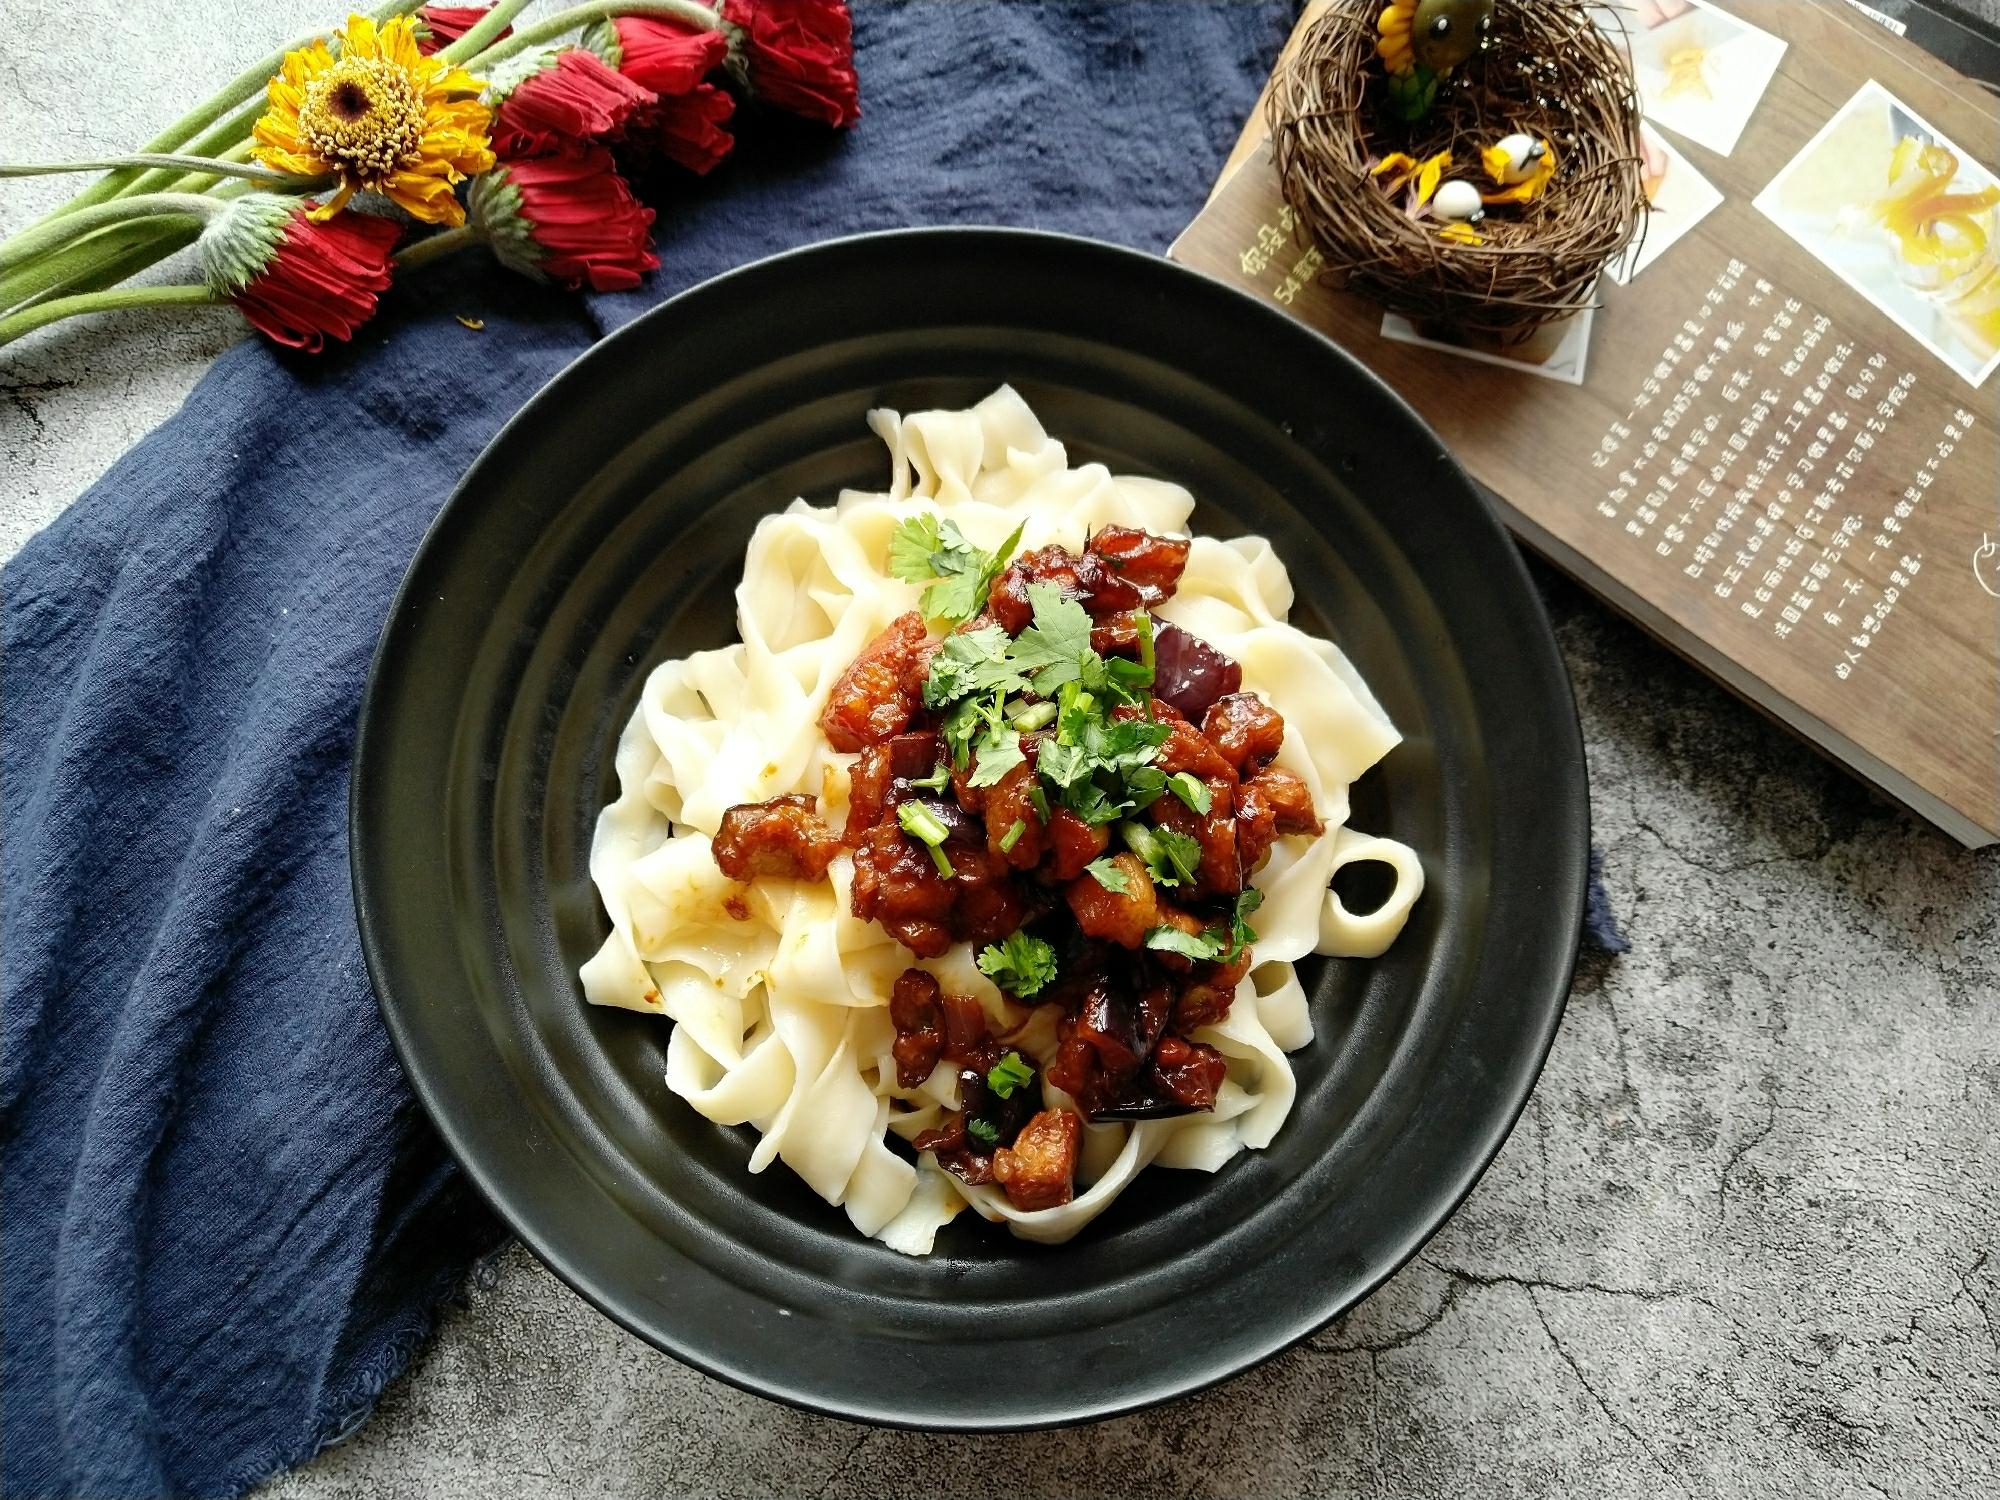 茄丁肉酱面,面条煮熟捞出过冷水沥干水分 浇上榨好的肉酱即可</p> <p>